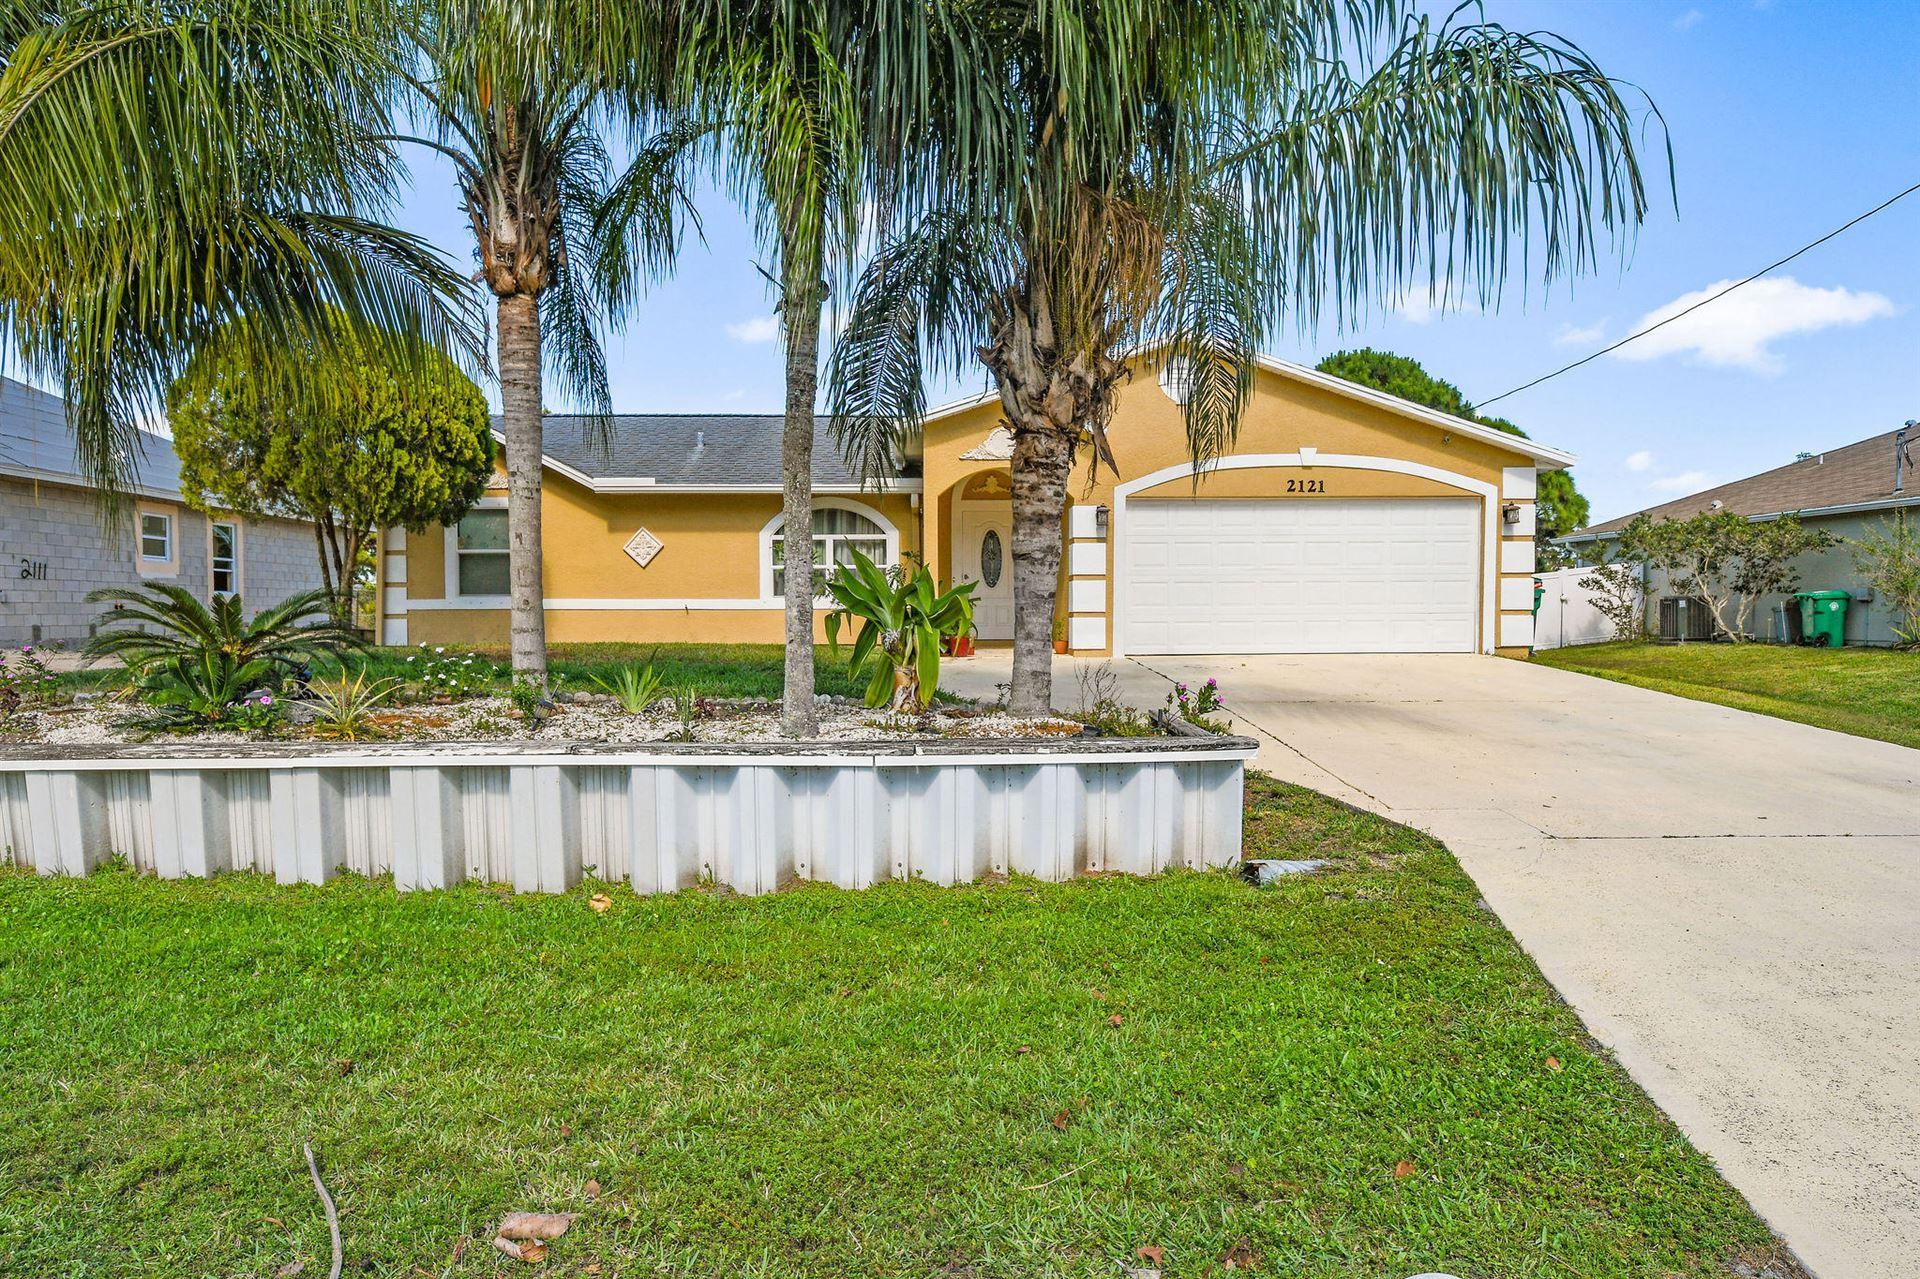 2121 SW Burlington Street, Port Saint Lucie, FL 34984 - #: RX-10615291